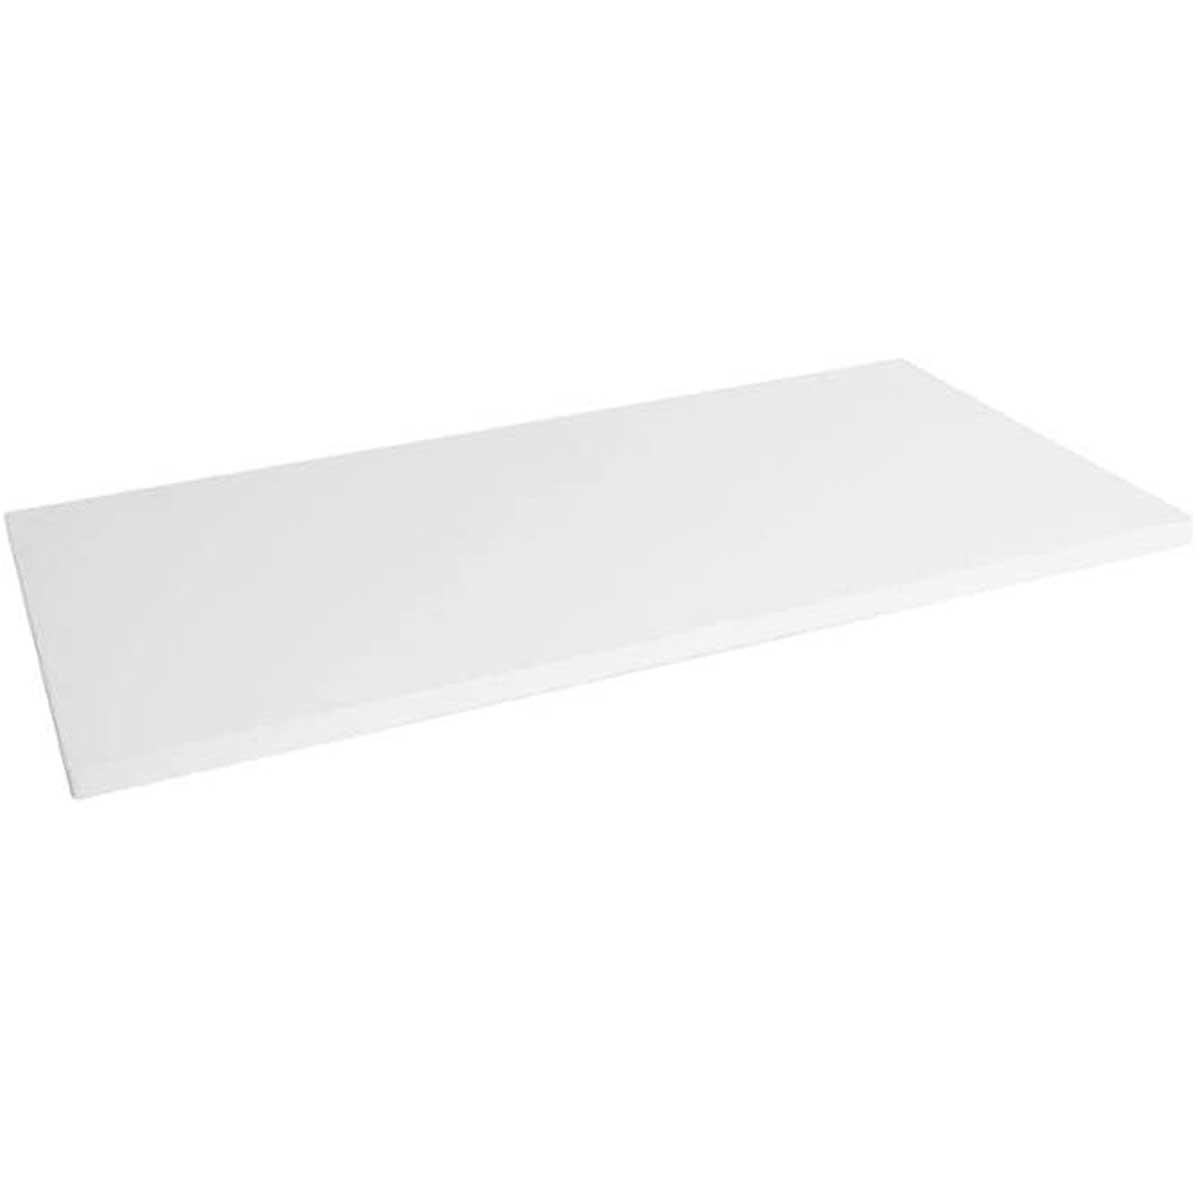 Prateleira decorativa em MDP suporta até 15kg 60x30cm Branca